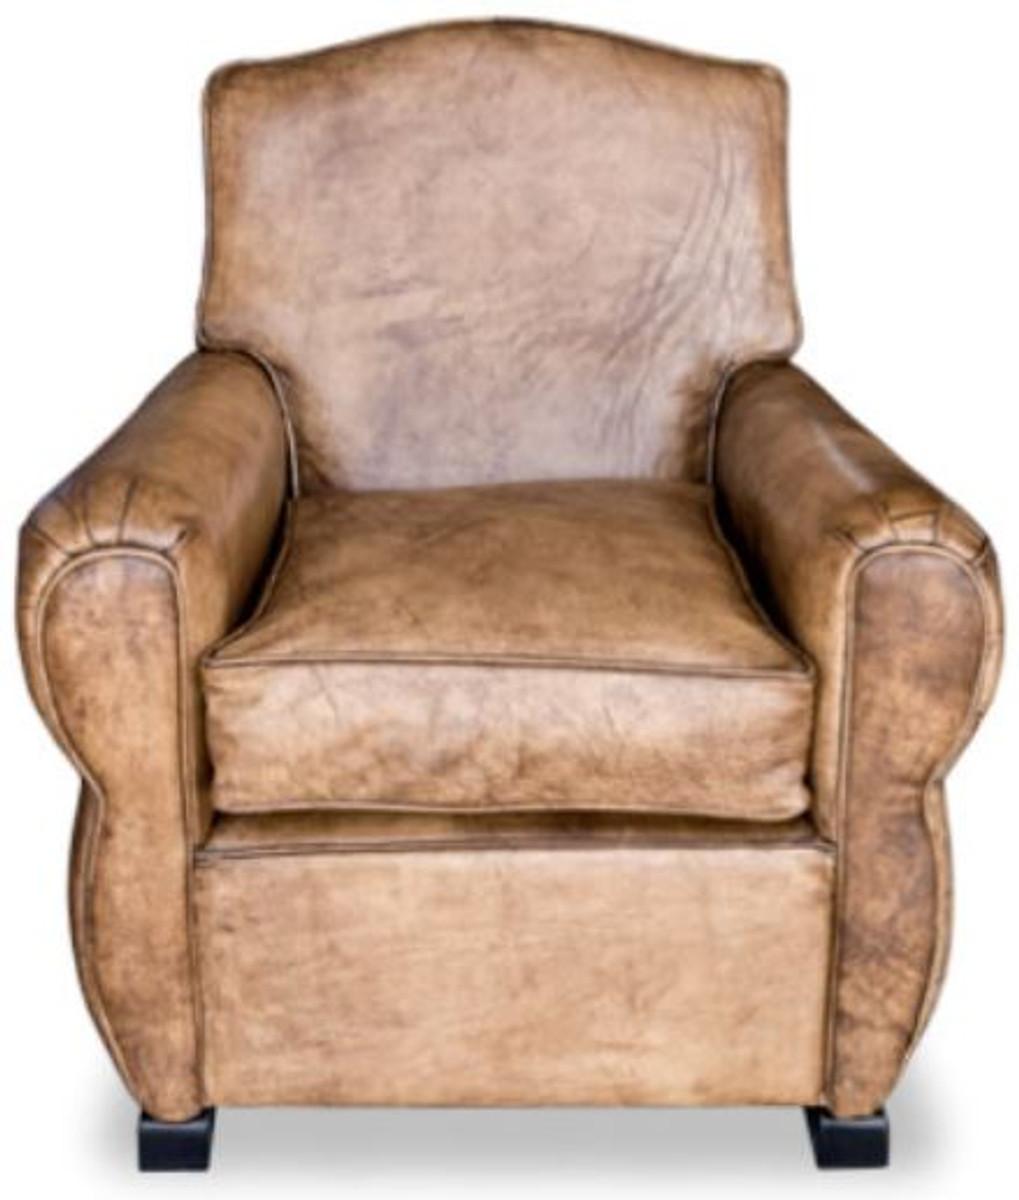 Casa padrino luxus wohnzimmer leder sessel vintage for Wohnzimmer sessel vintage